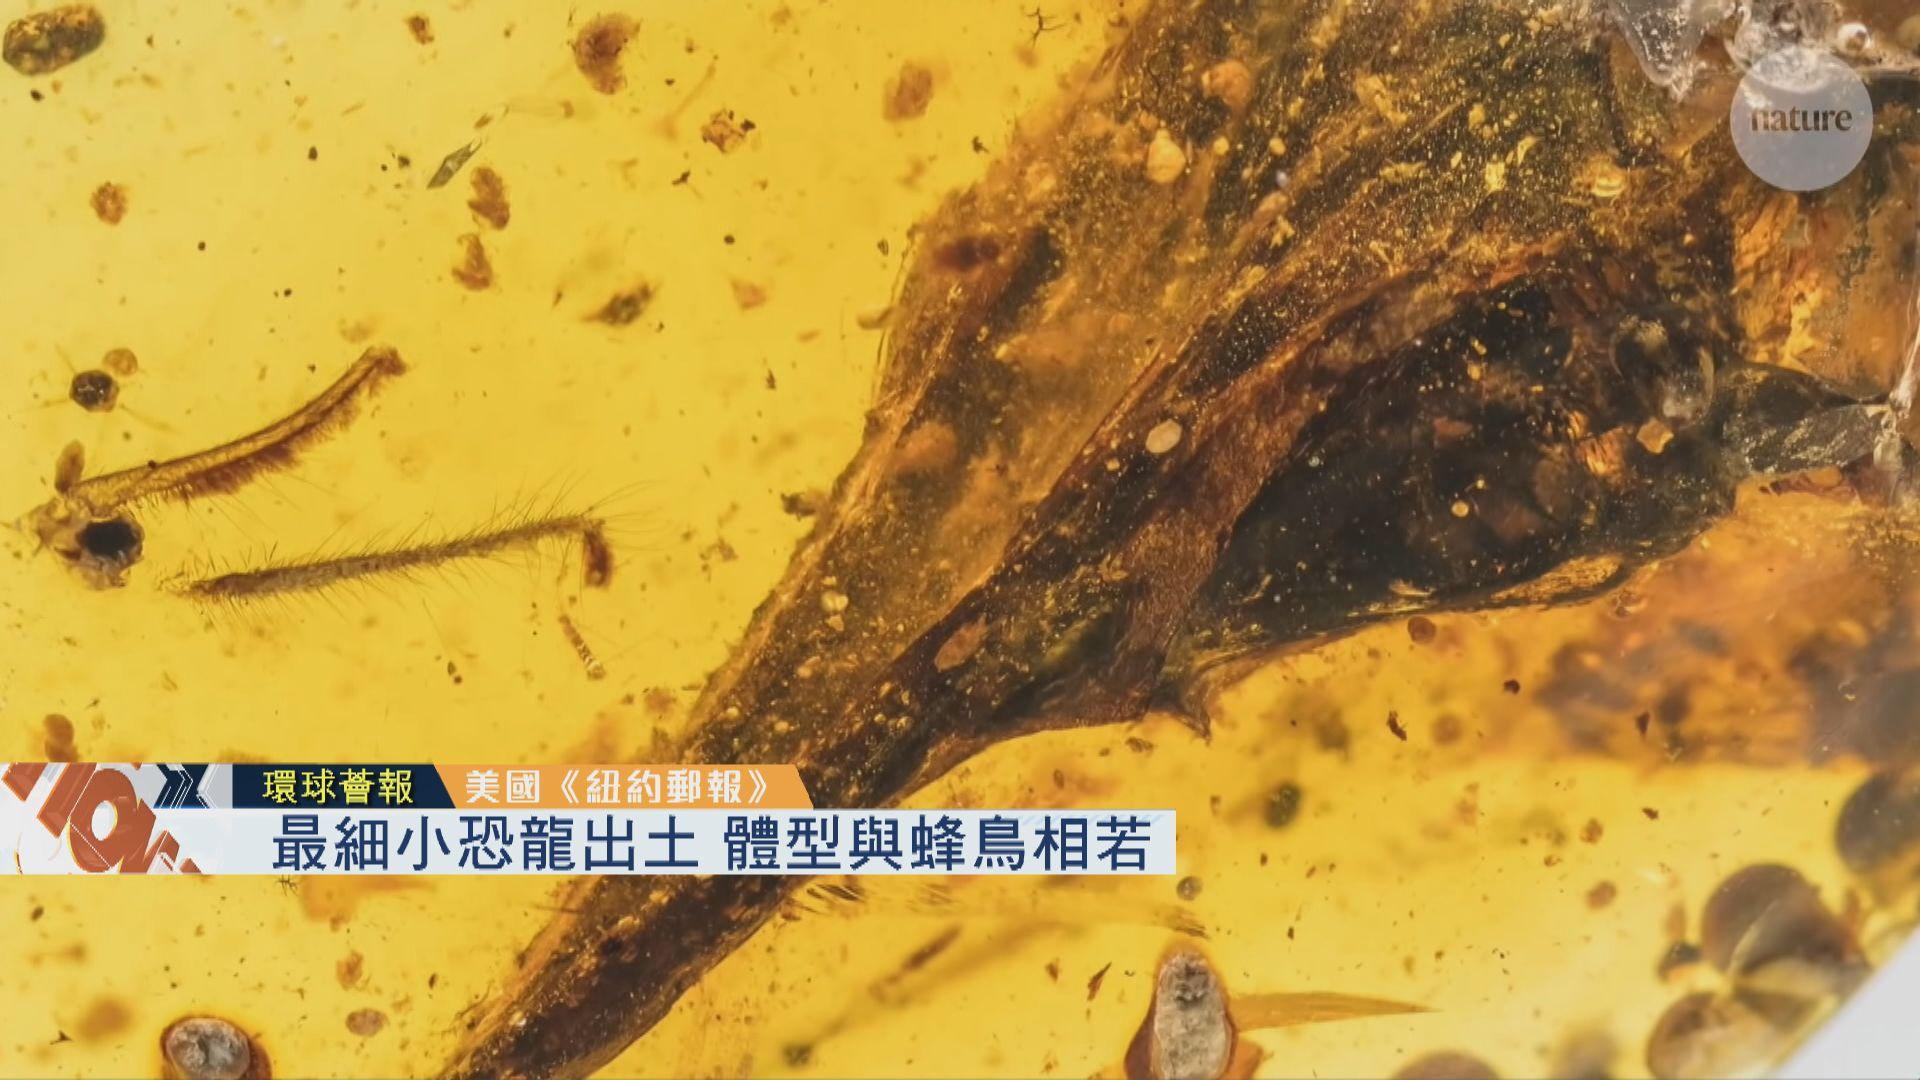 【環球薈報】最細小恐龍出土 體型與蜂鳥相若